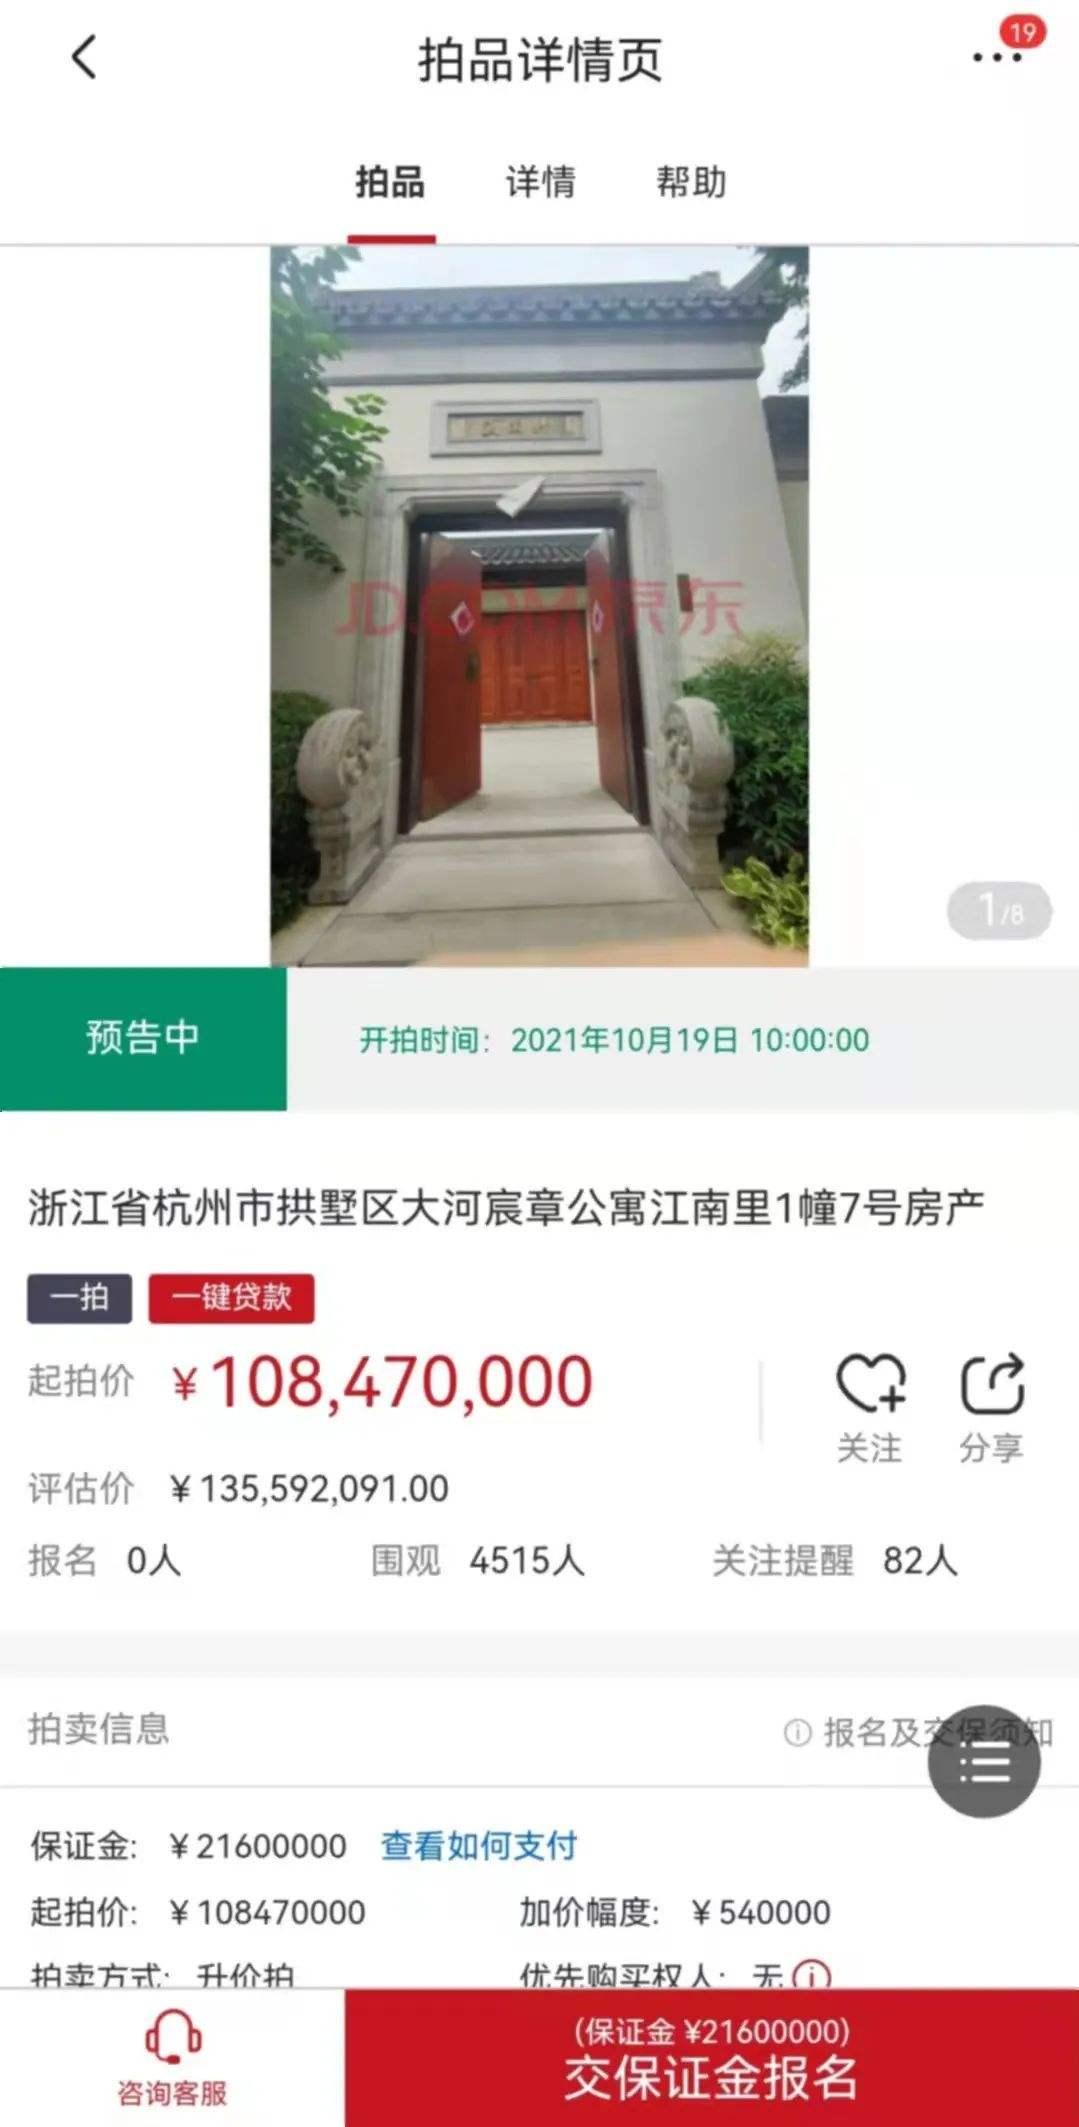 百色10倍配资公司(柳州岳峰投资集团是骗子)